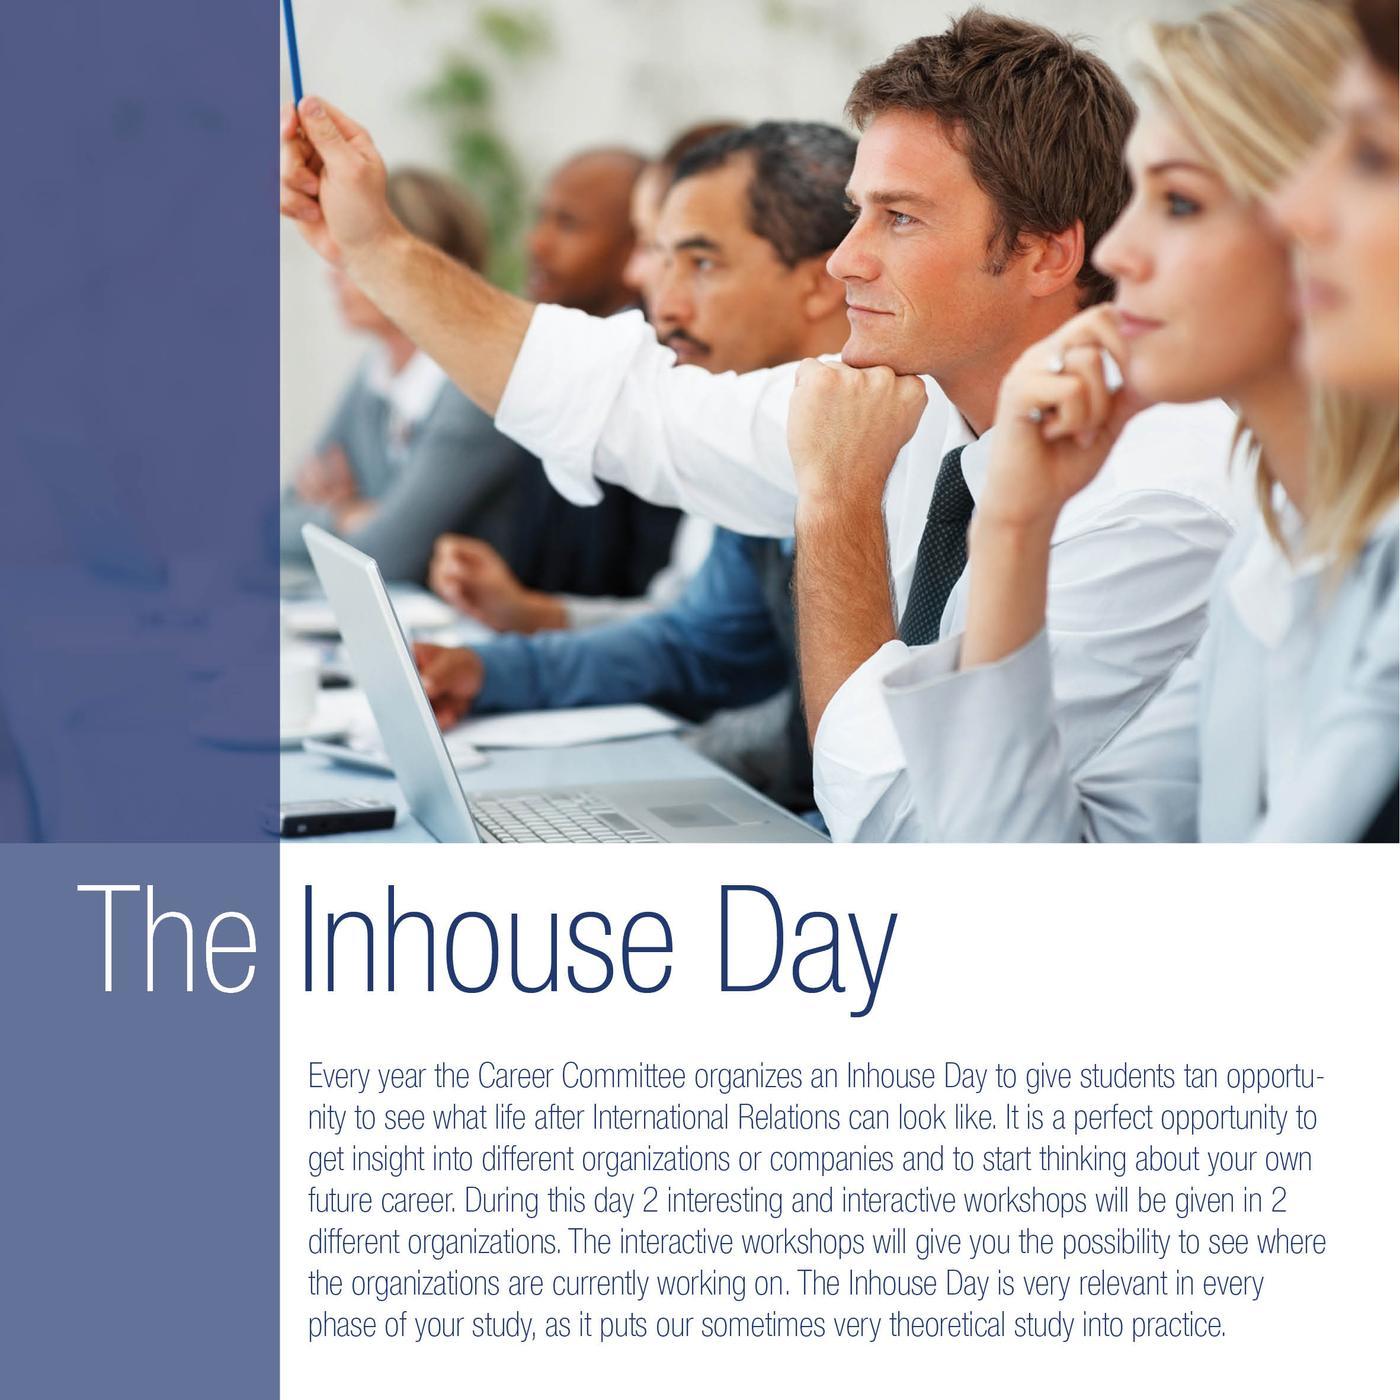 inhouse_day.jpg